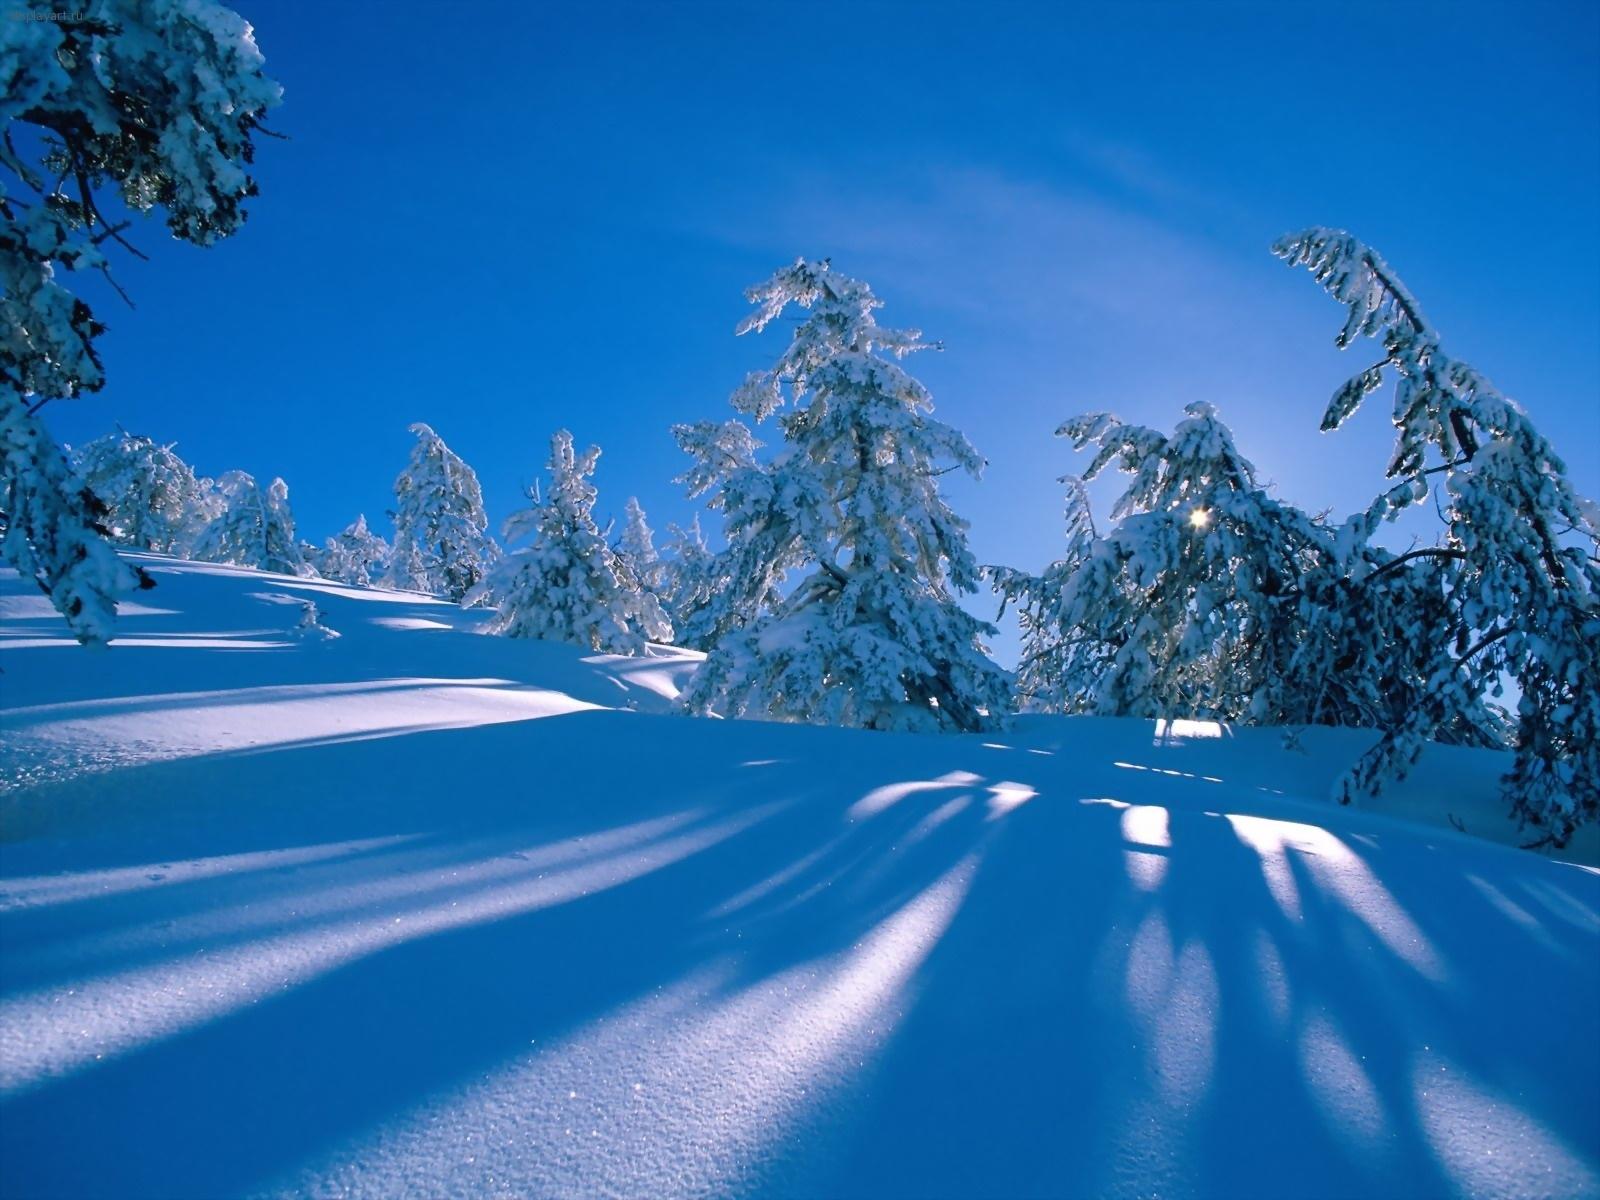 5057 скачать обои Пейзаж, Зима, Деревья, Снег - заставки и картинки бесплатно